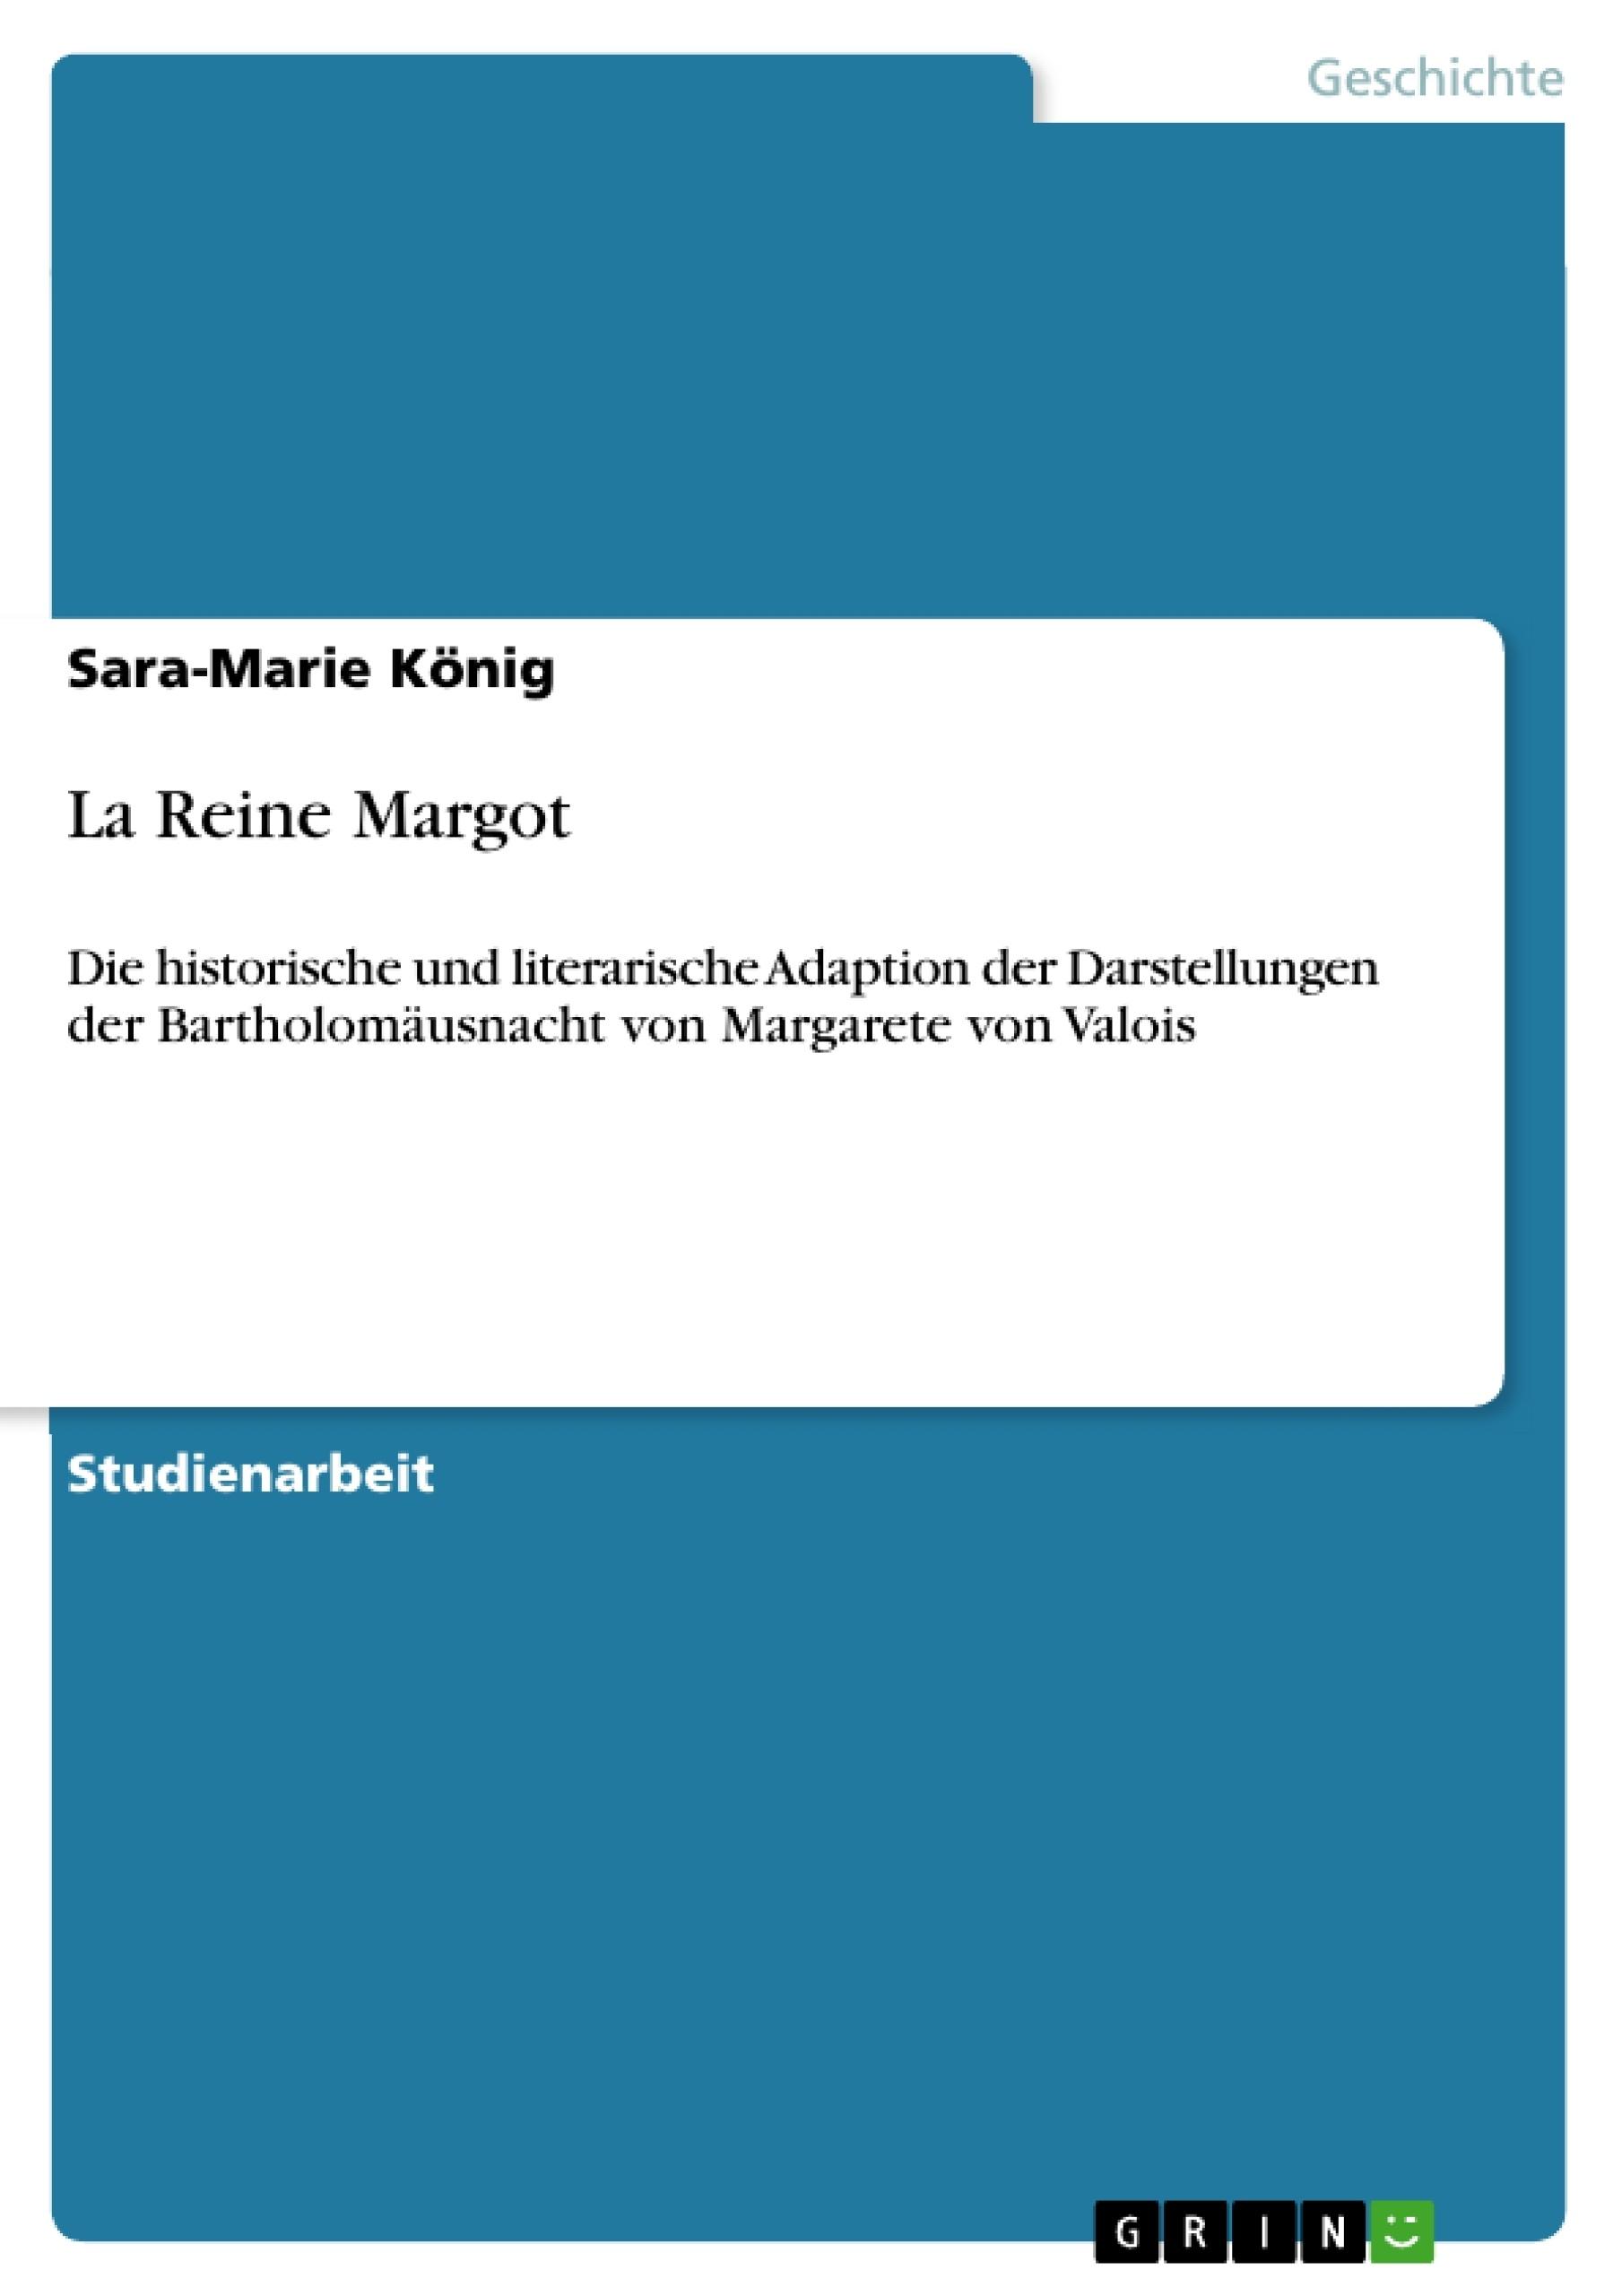 Titel: La Reine Margot